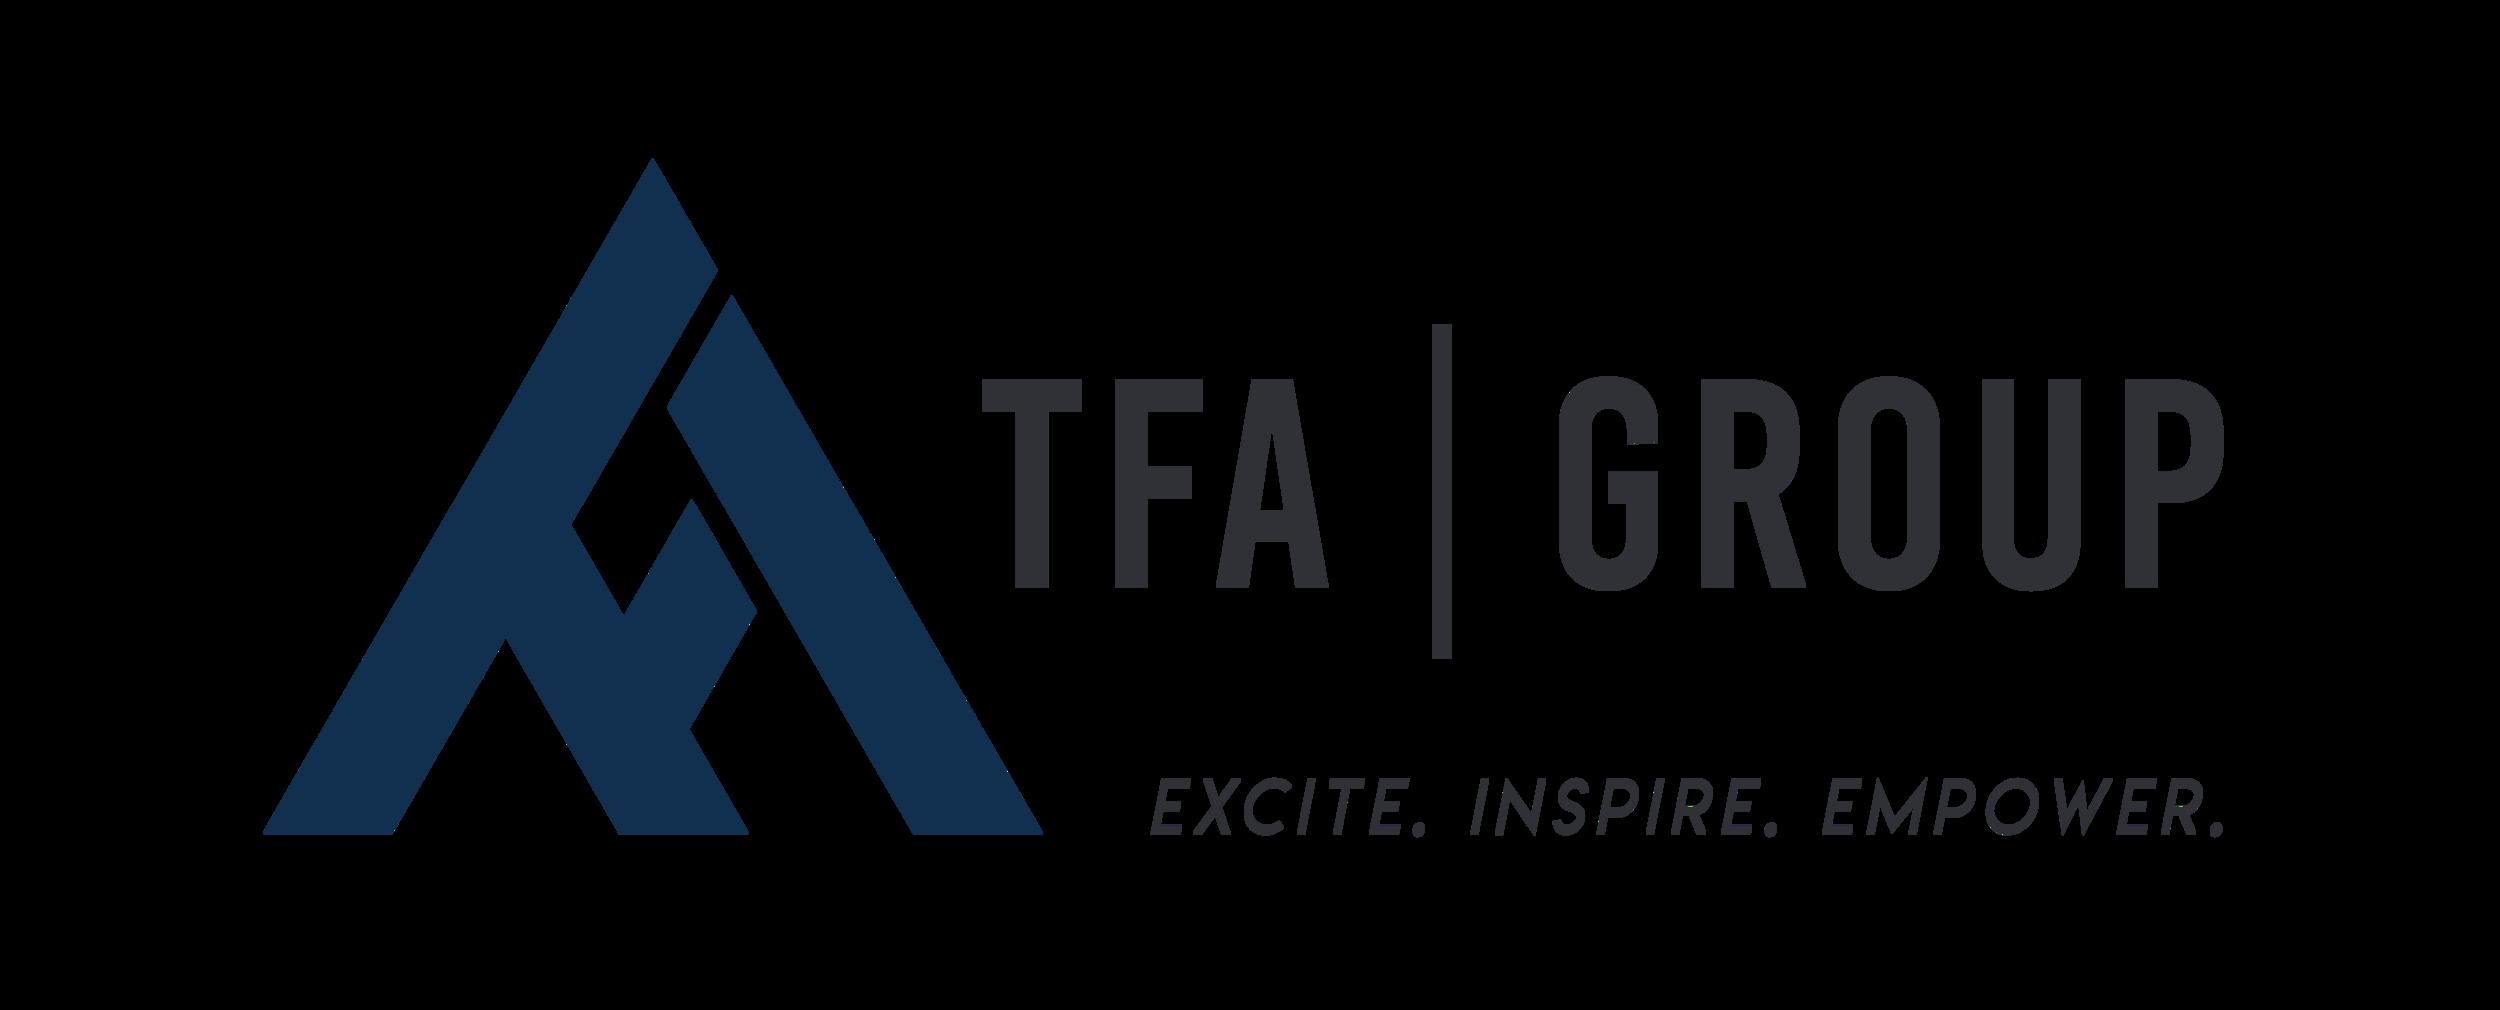 TFA-Group-Main-Logos-01.png